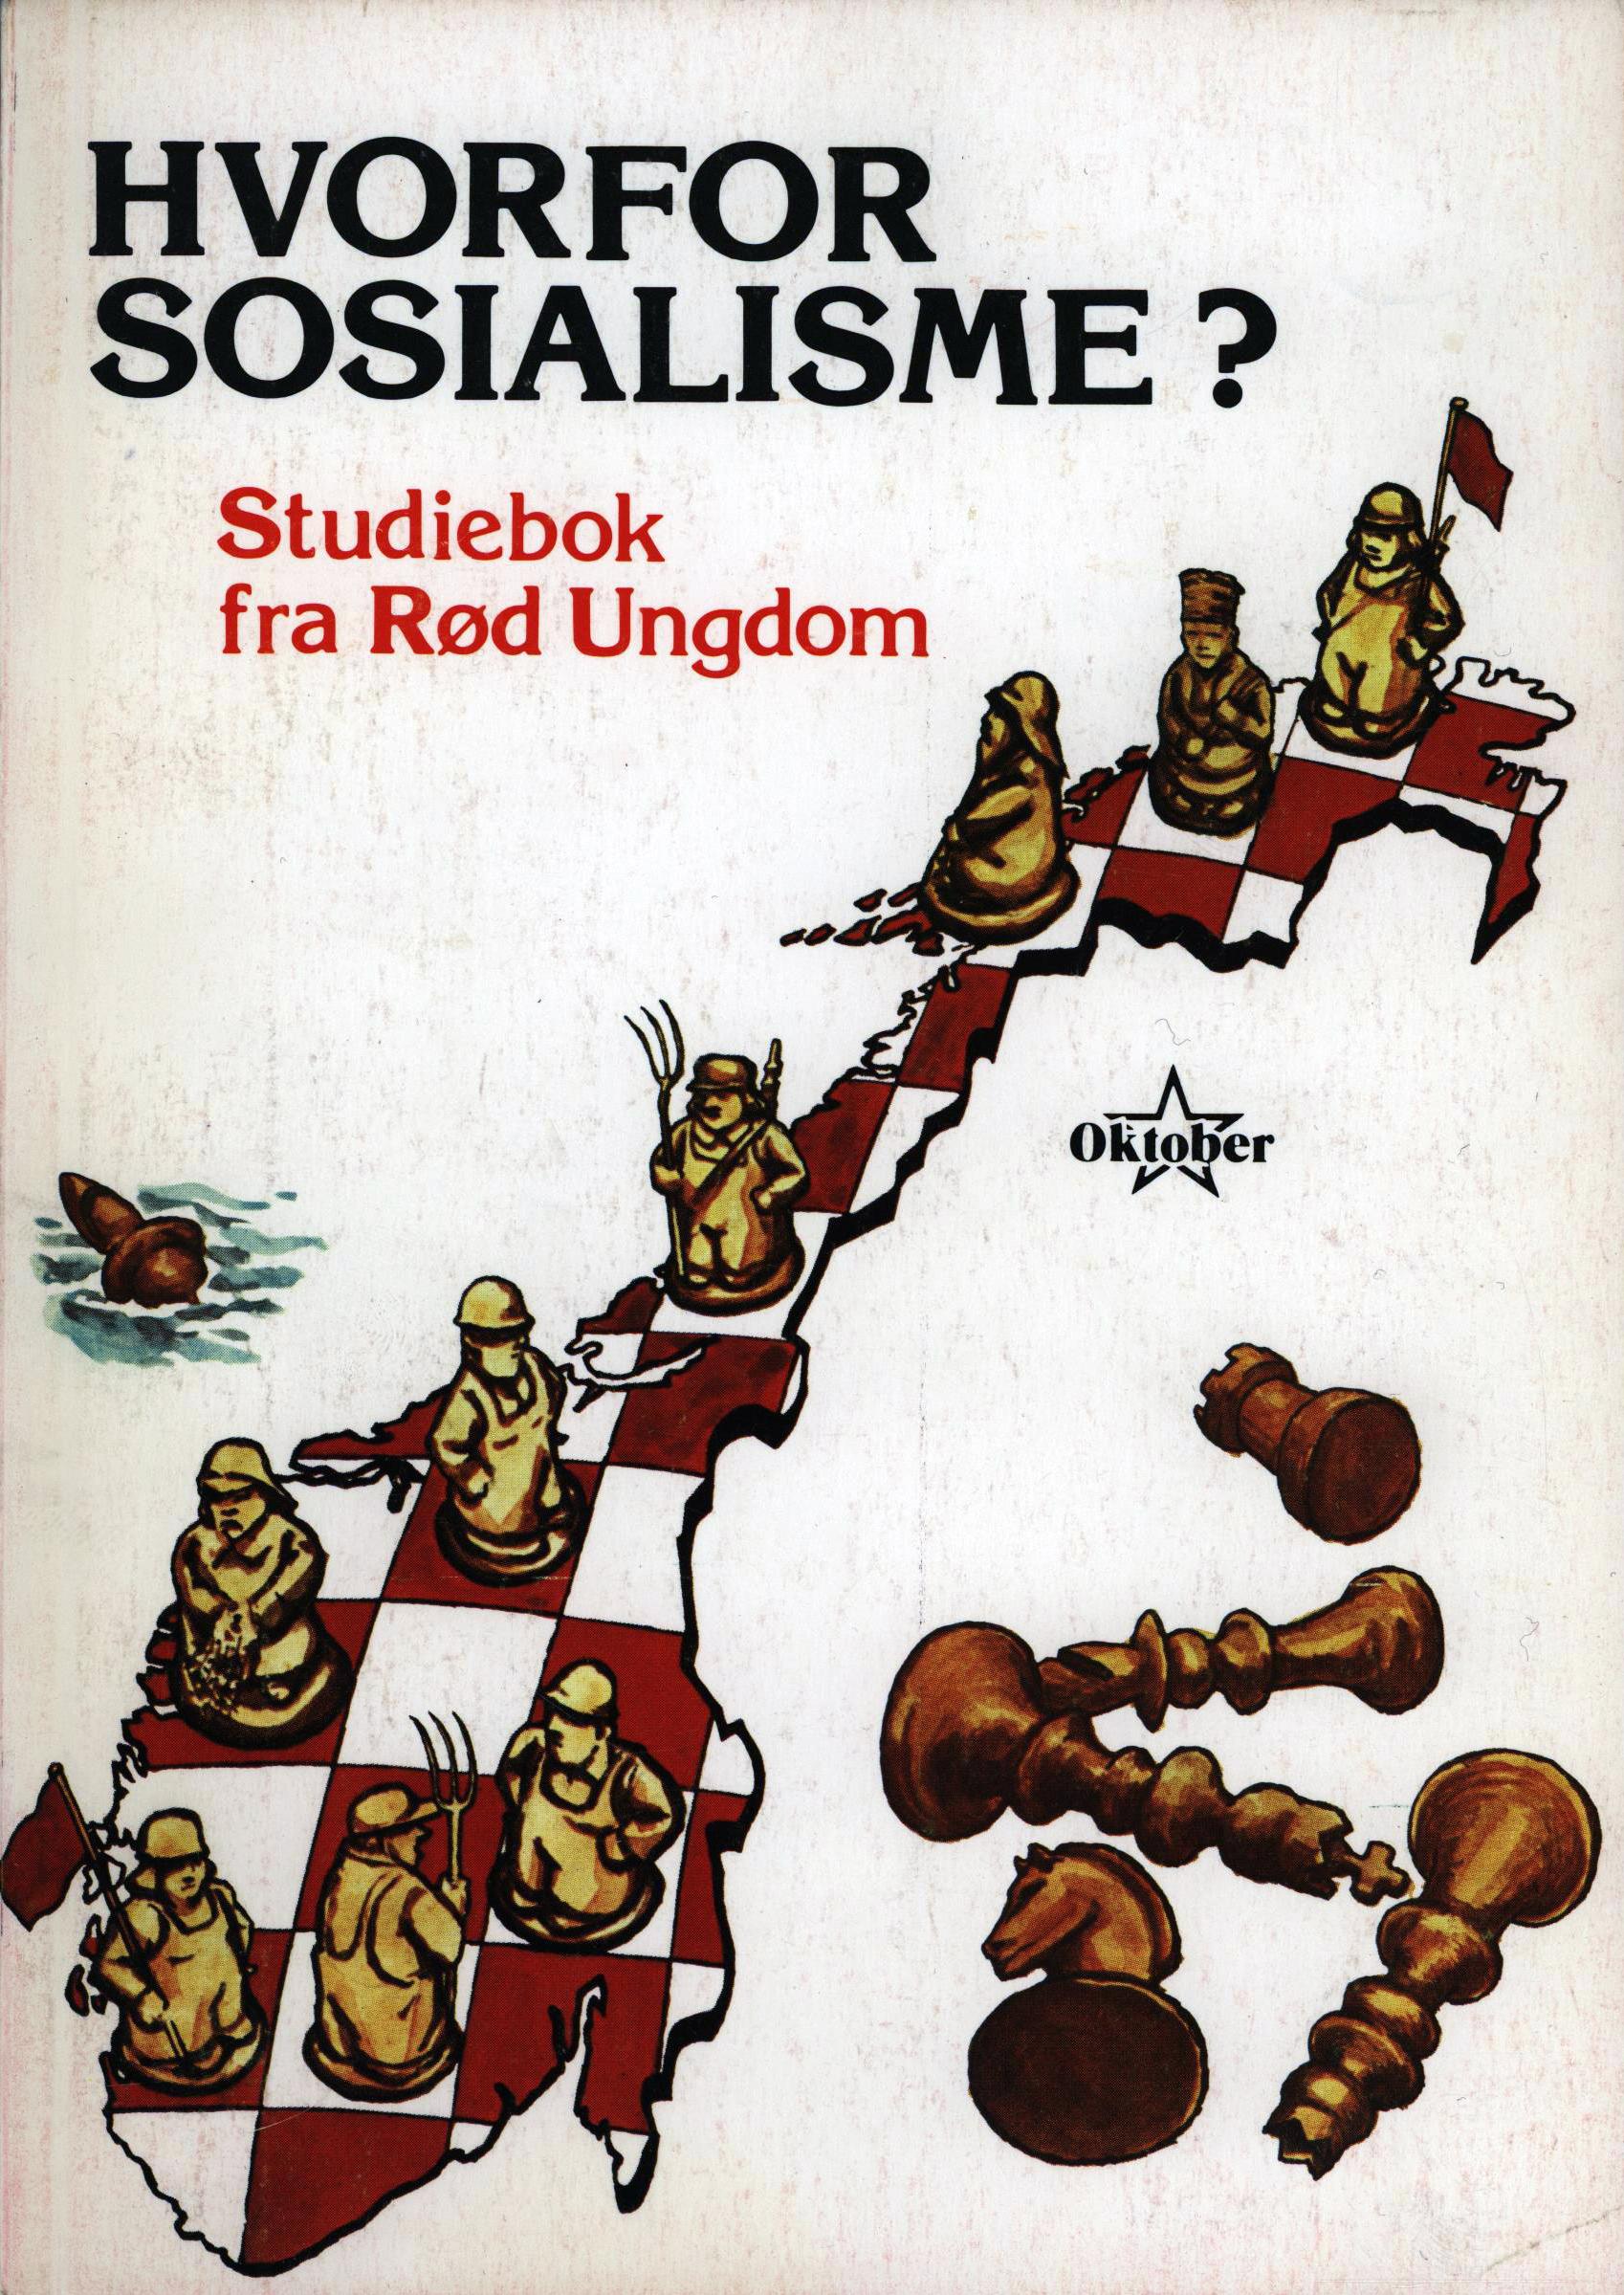 Hvorfor sosialisme? Studiebok fra Rød Ungdom